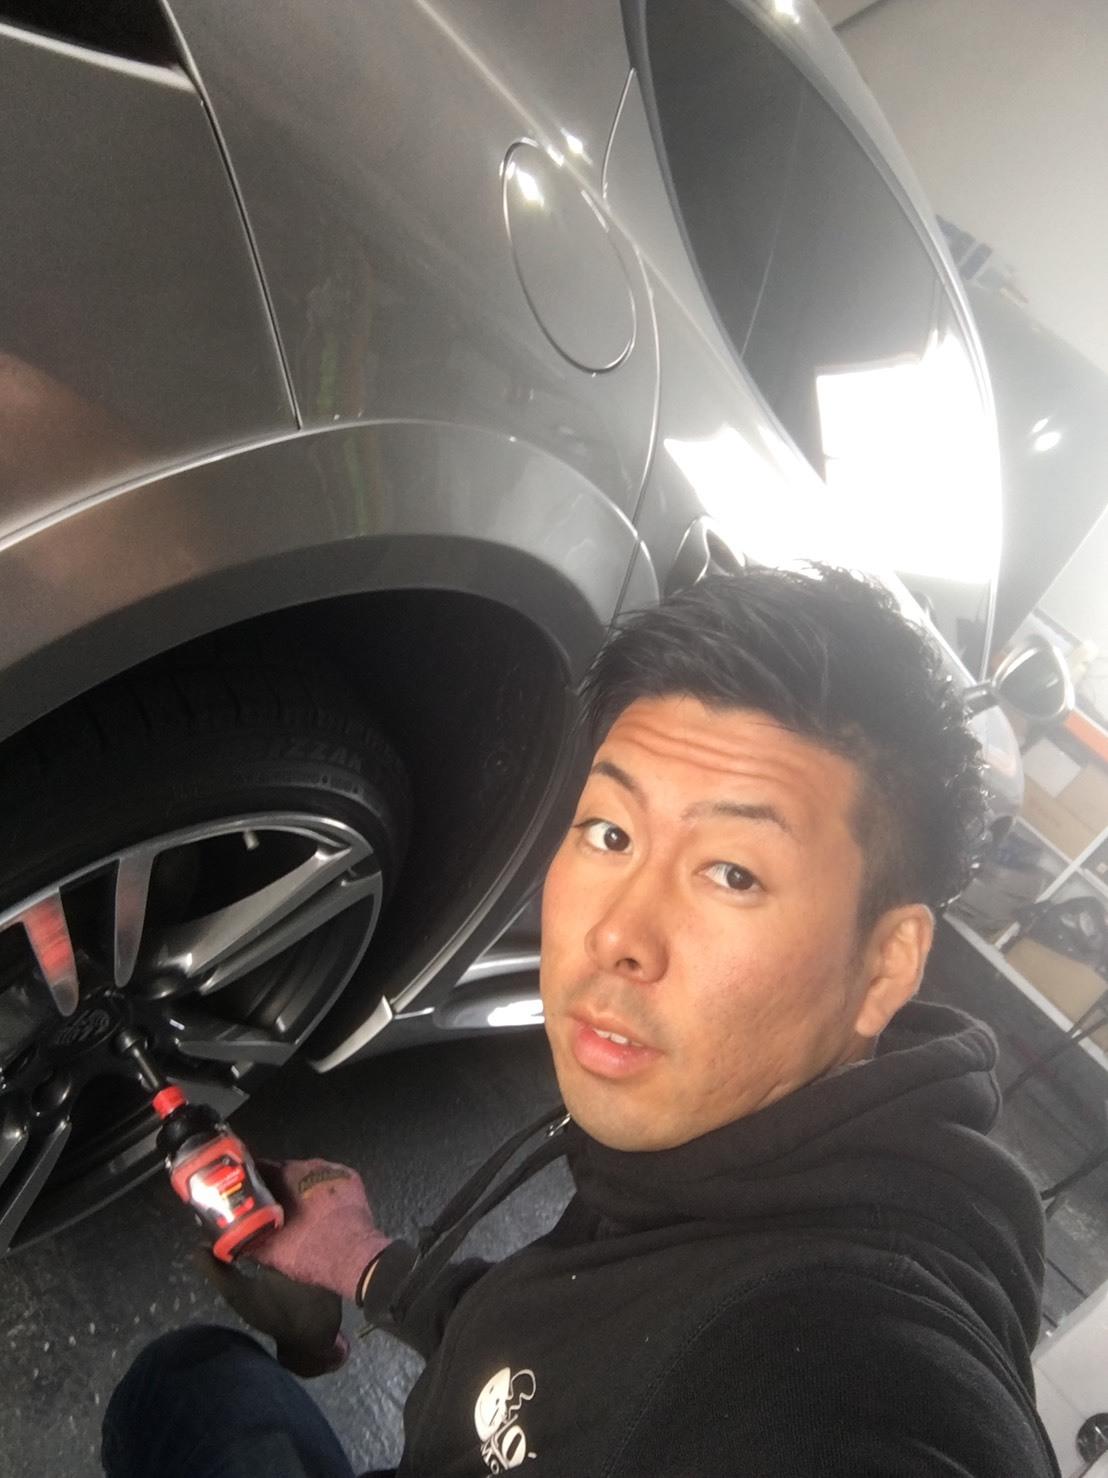 4月23日(月)トミーベース カスタムブログ☆S様キャンバス O様フォレスタ納車☆_b0127002_12474266.jpg